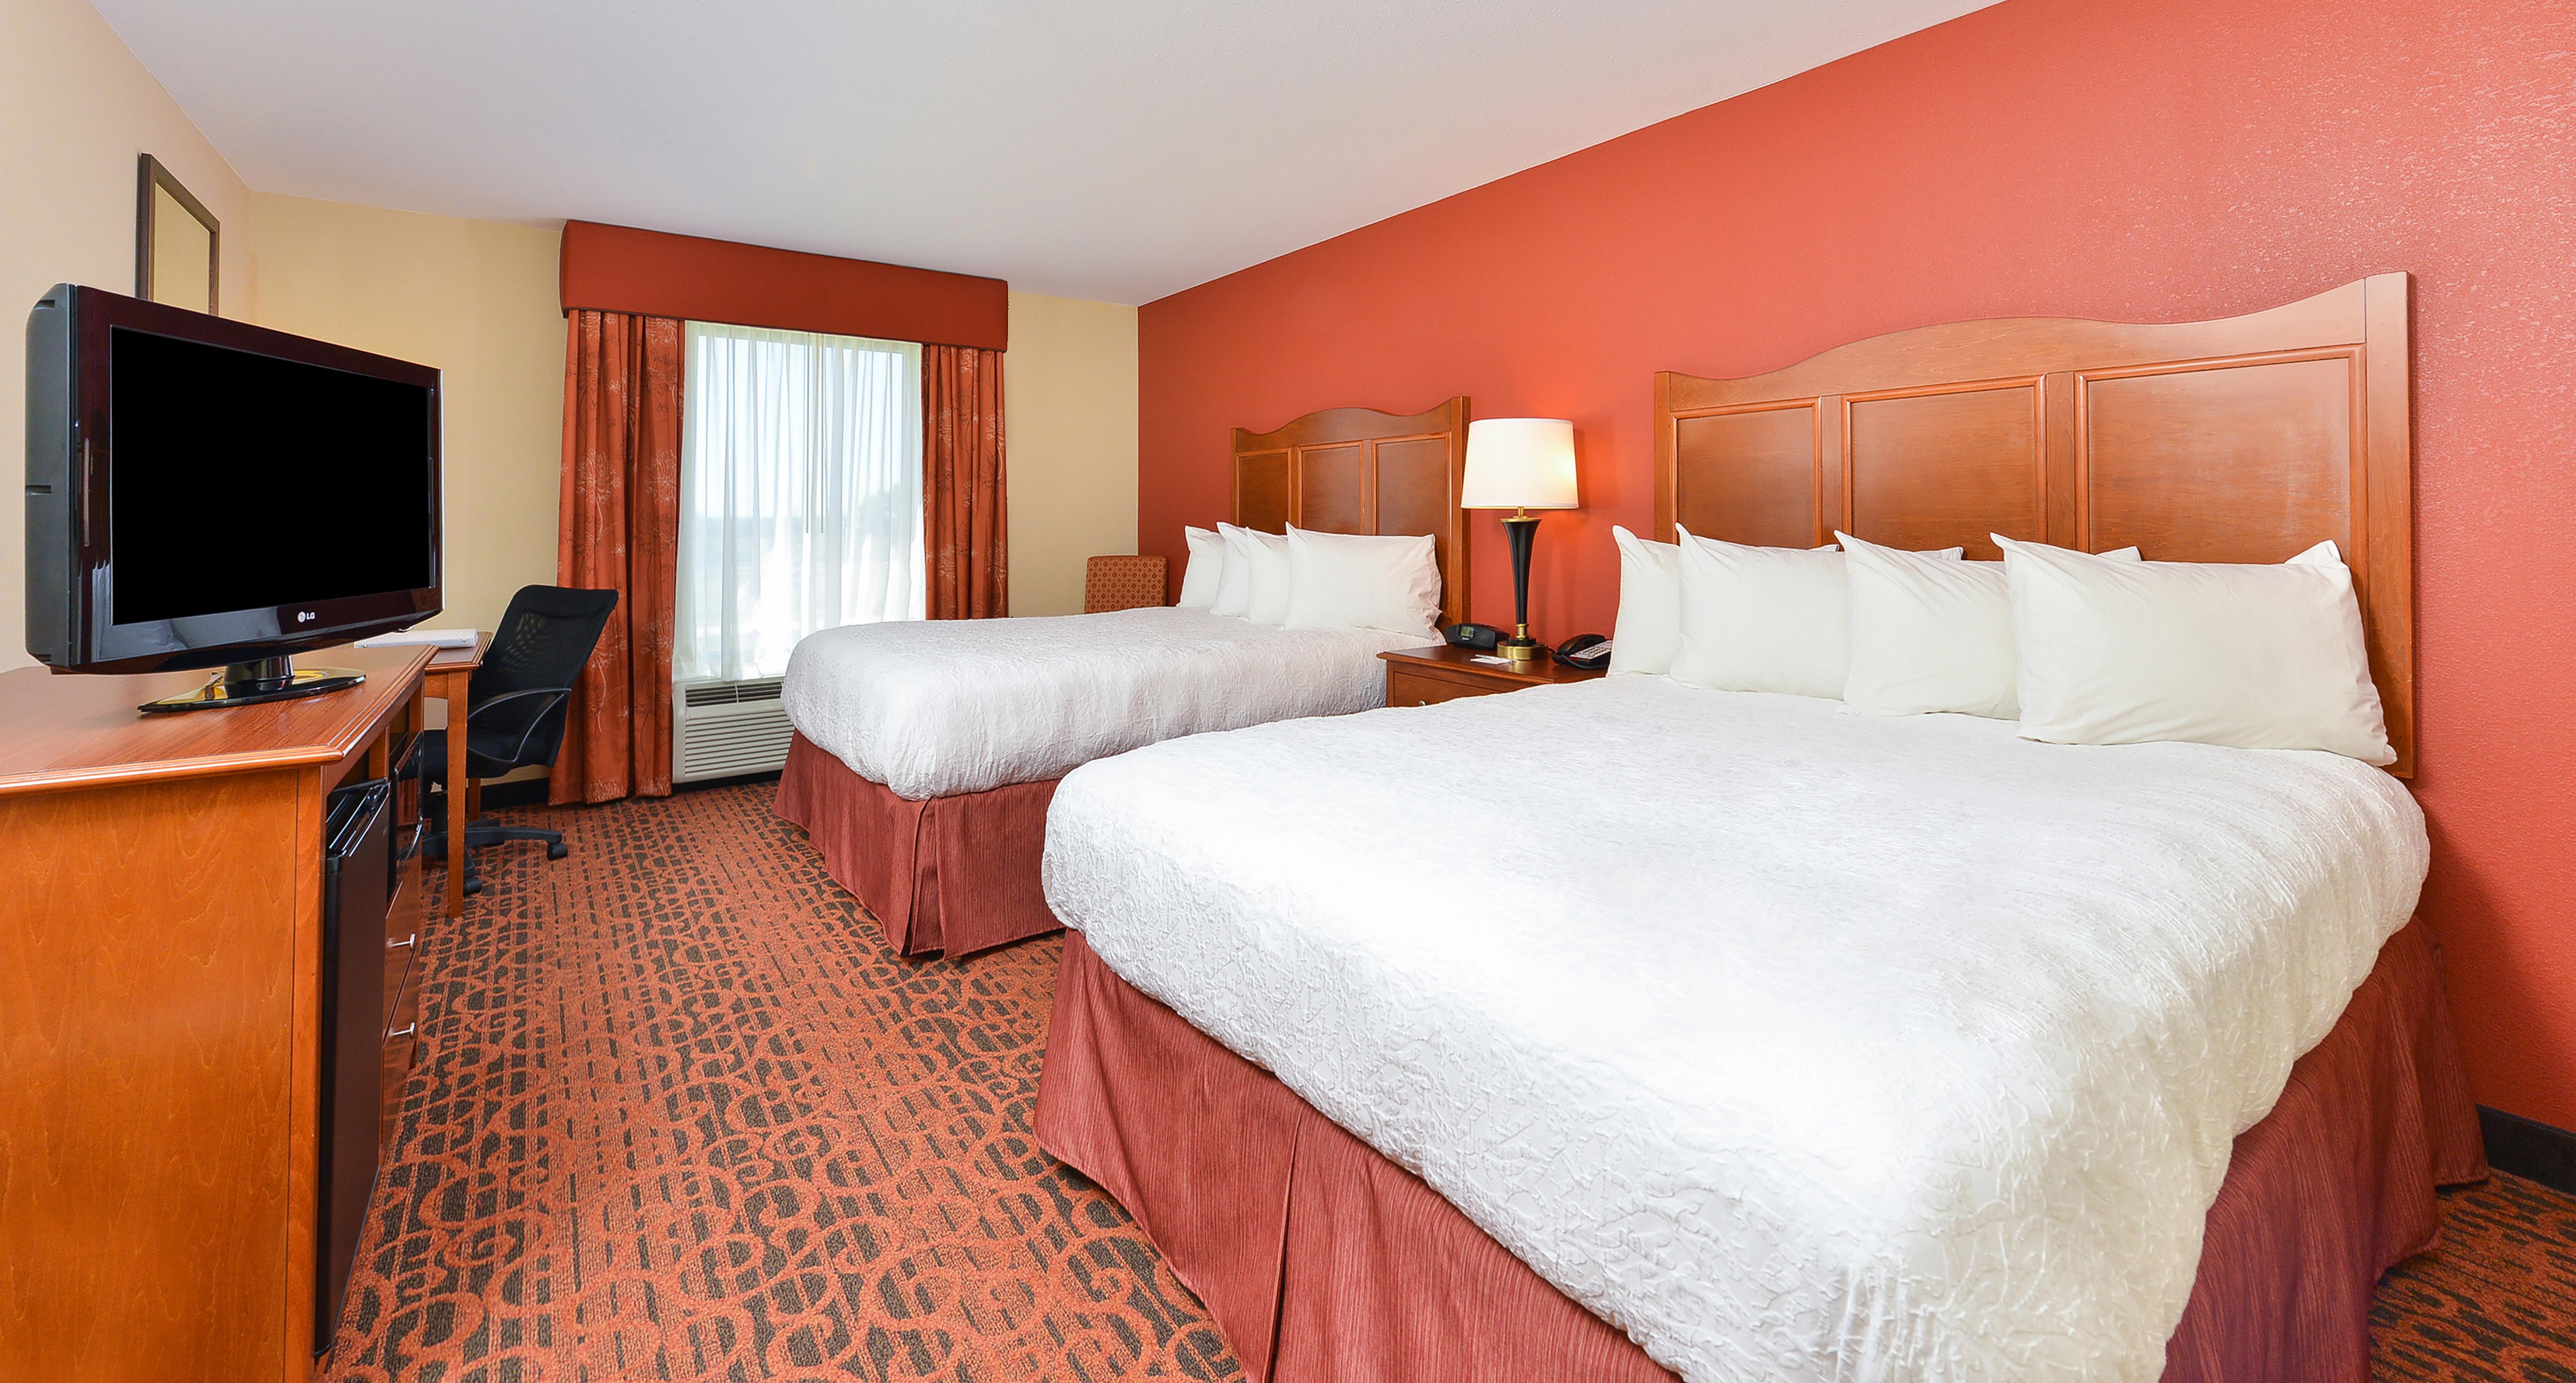 https://www.hotelsbyday.com/_data/default-hotel_image/3/16340/dsc-4381cropped.jpg